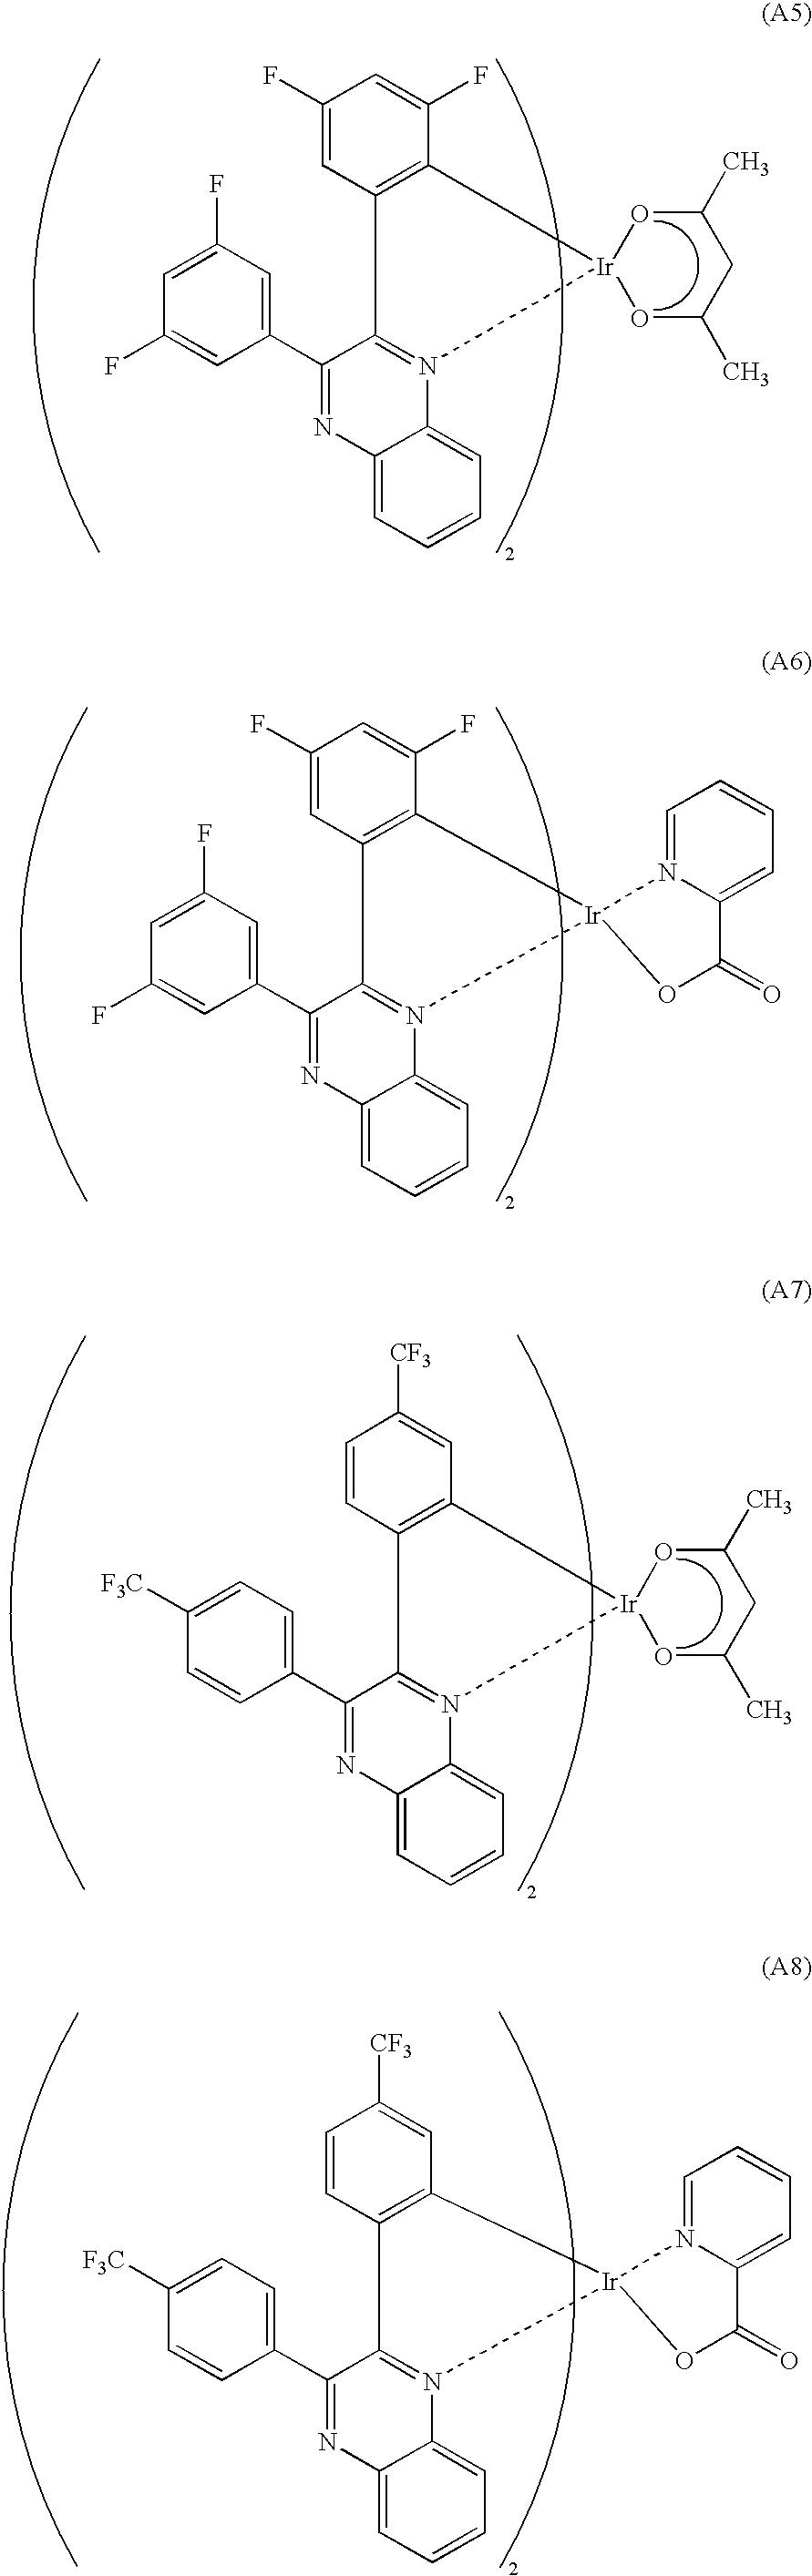 Figure US20100059741A1-20100311-C00002